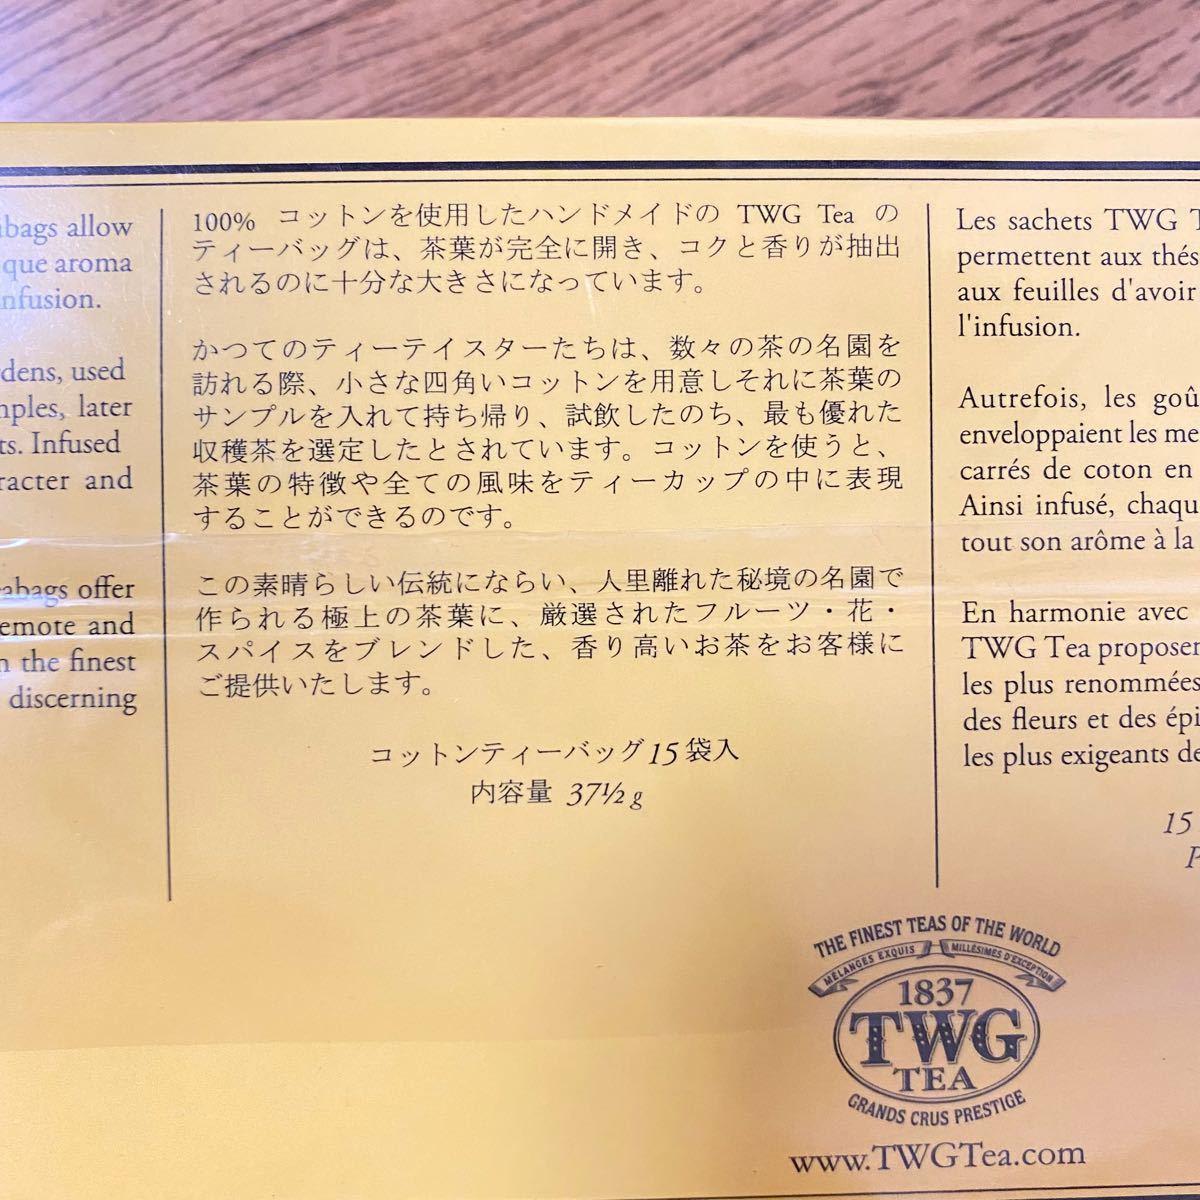 TWG ブラックティー Black Tea 紅茶ティーバッグ シンガポール